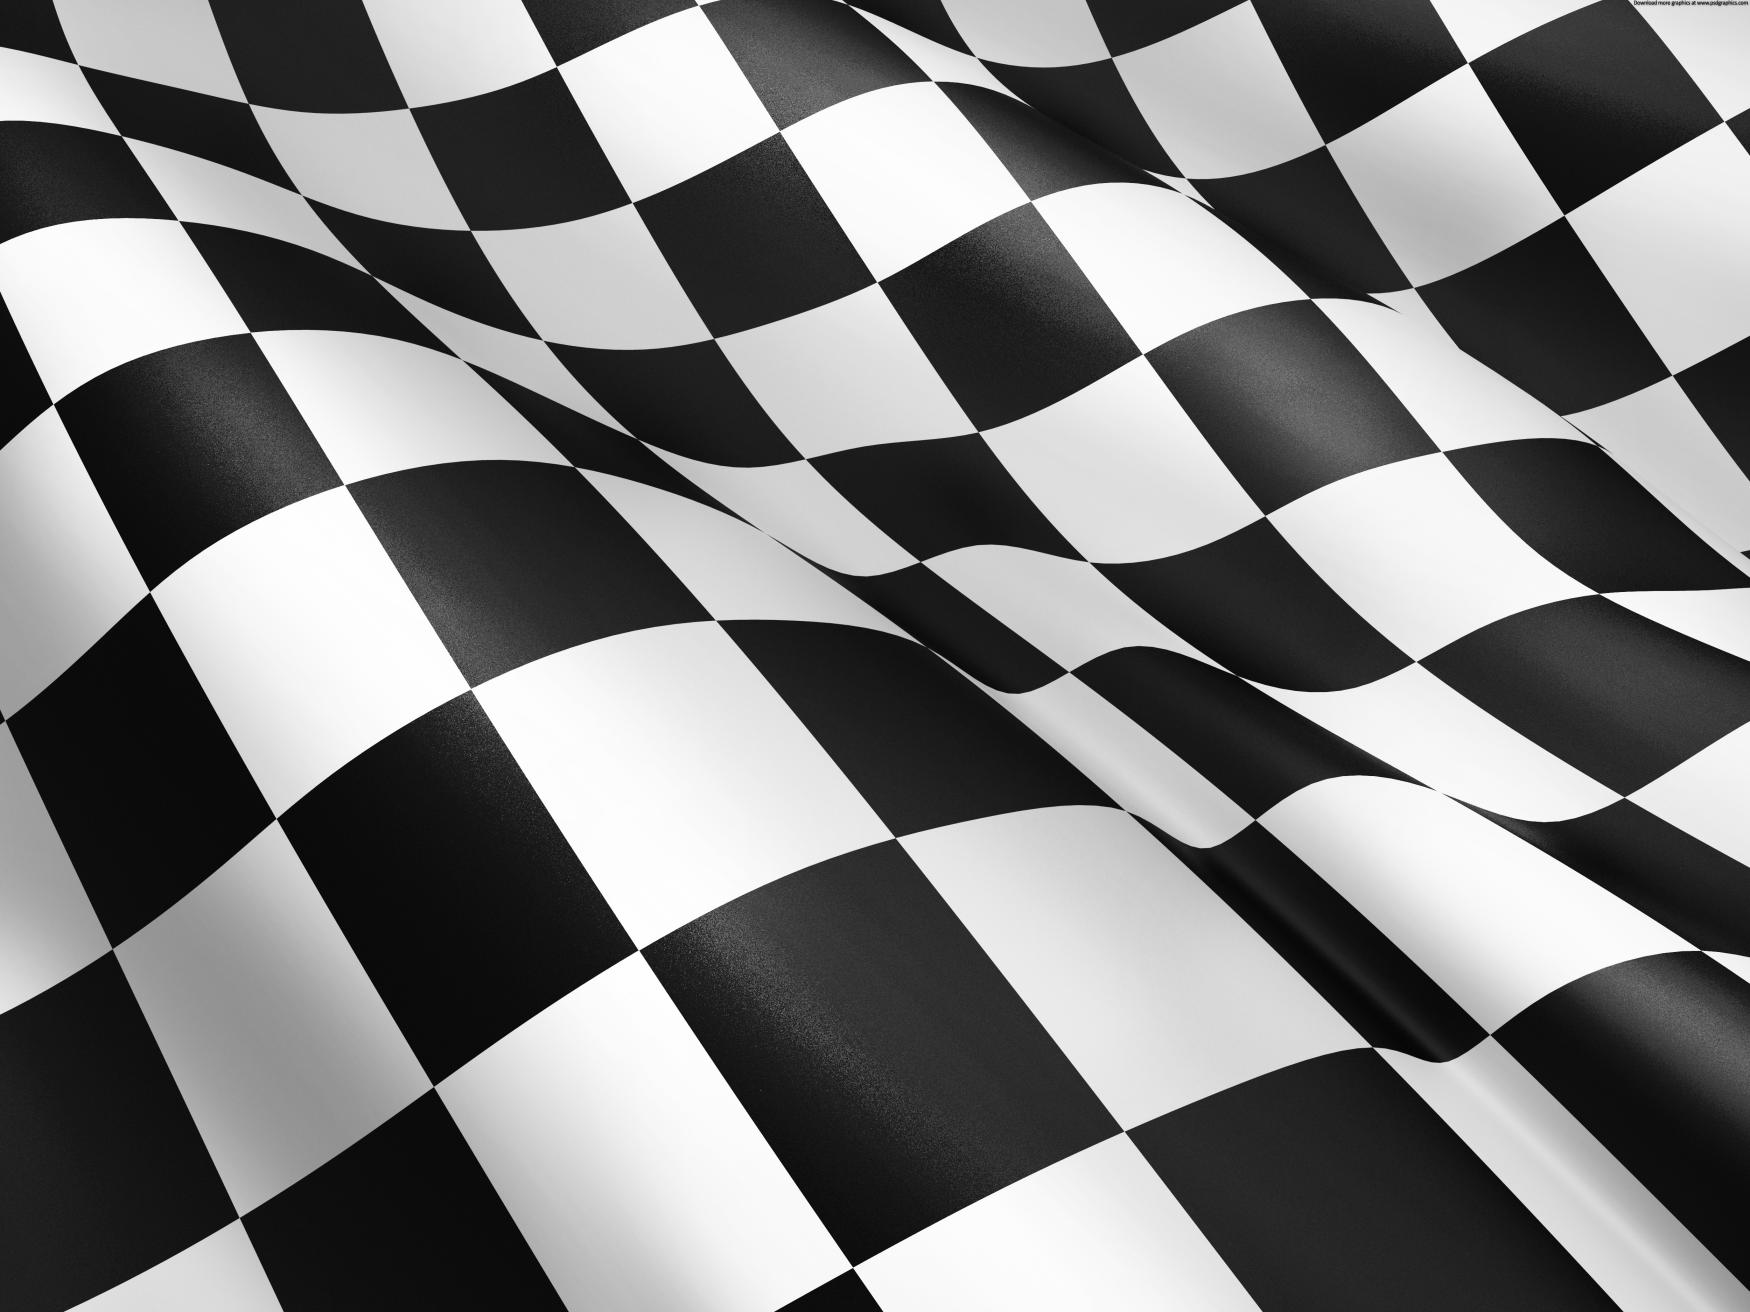 checkered flag Fav Desktop Wallpaper Flag background 1750x1312